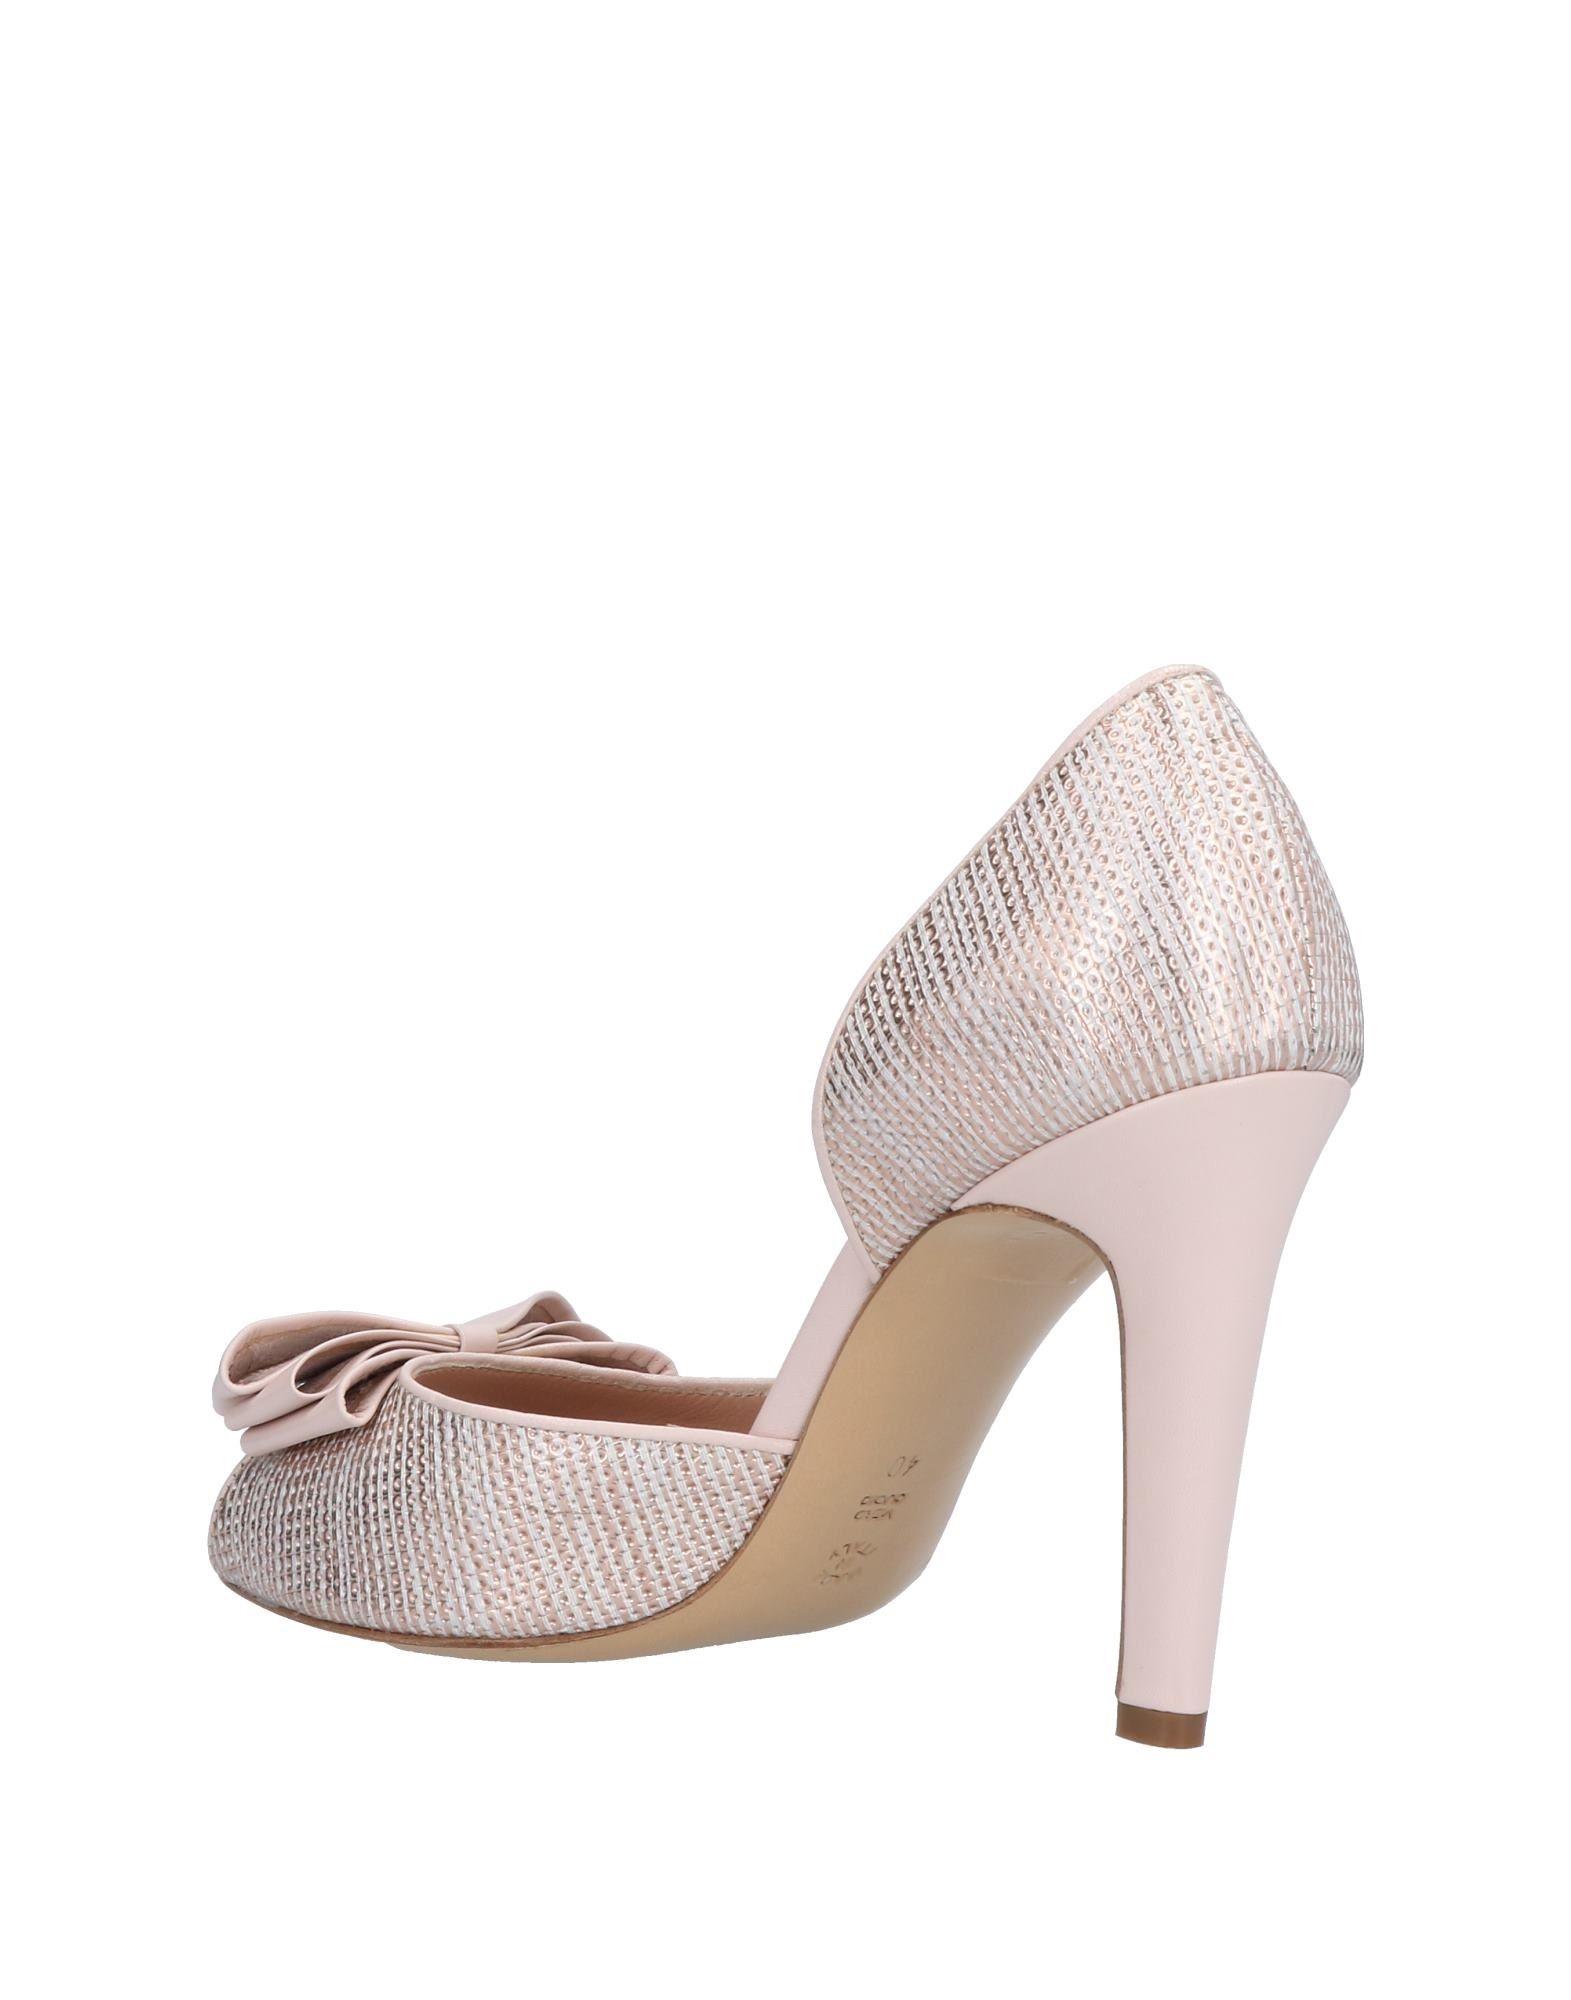 Enzo Di Martino Pumps Damen beliebte  11493151DB Gute Qualität beliebte Damen Schuhe 0512a9